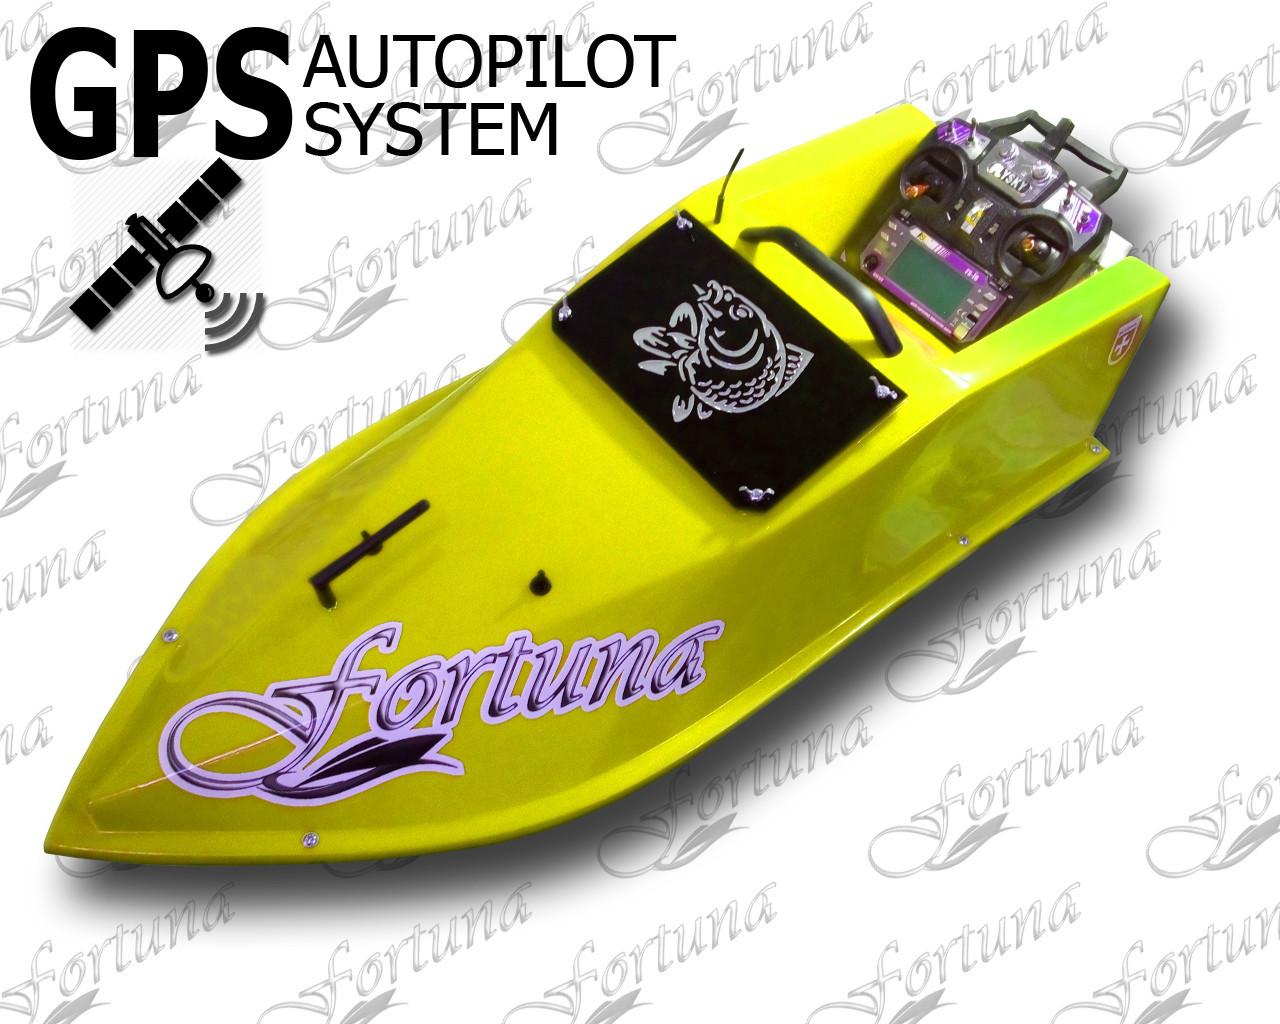 Карповый радиоуправляемый кораблик для завоза прикормки Фортуна с GPS автопилотом